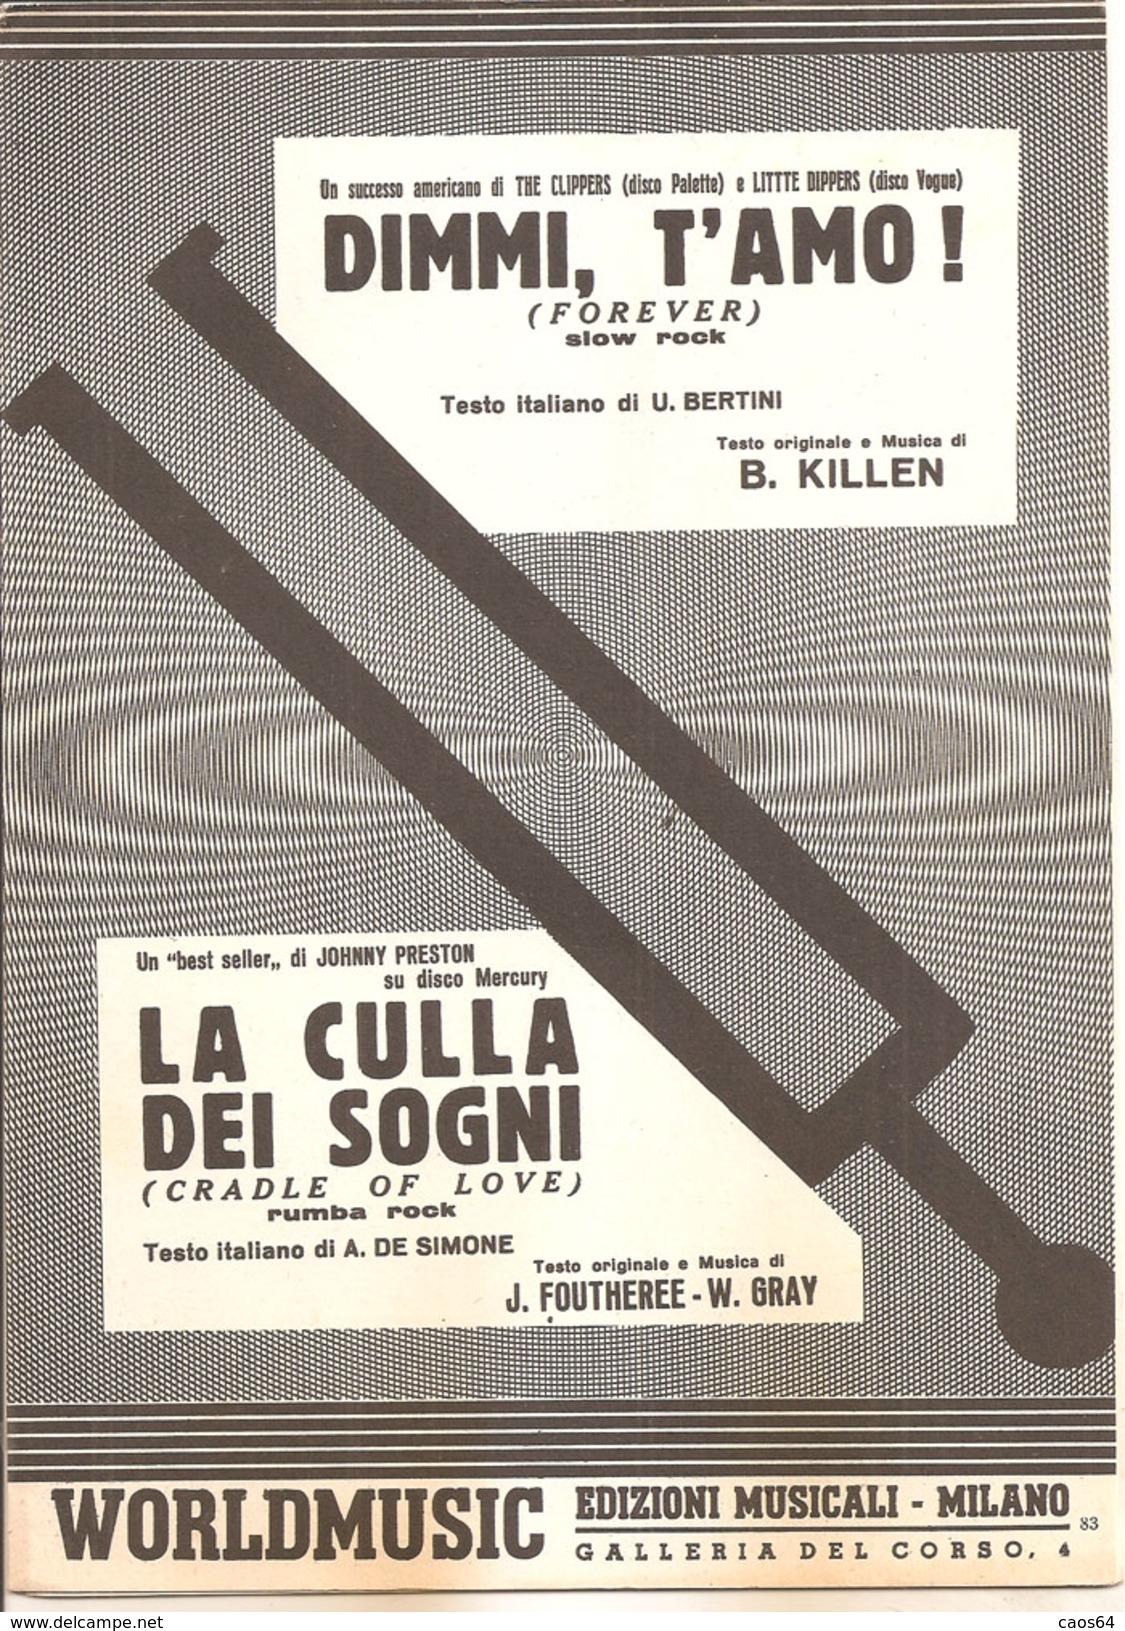 DIMMI T'AMO LA CULLA DEI SOGNI - Musica Popolare